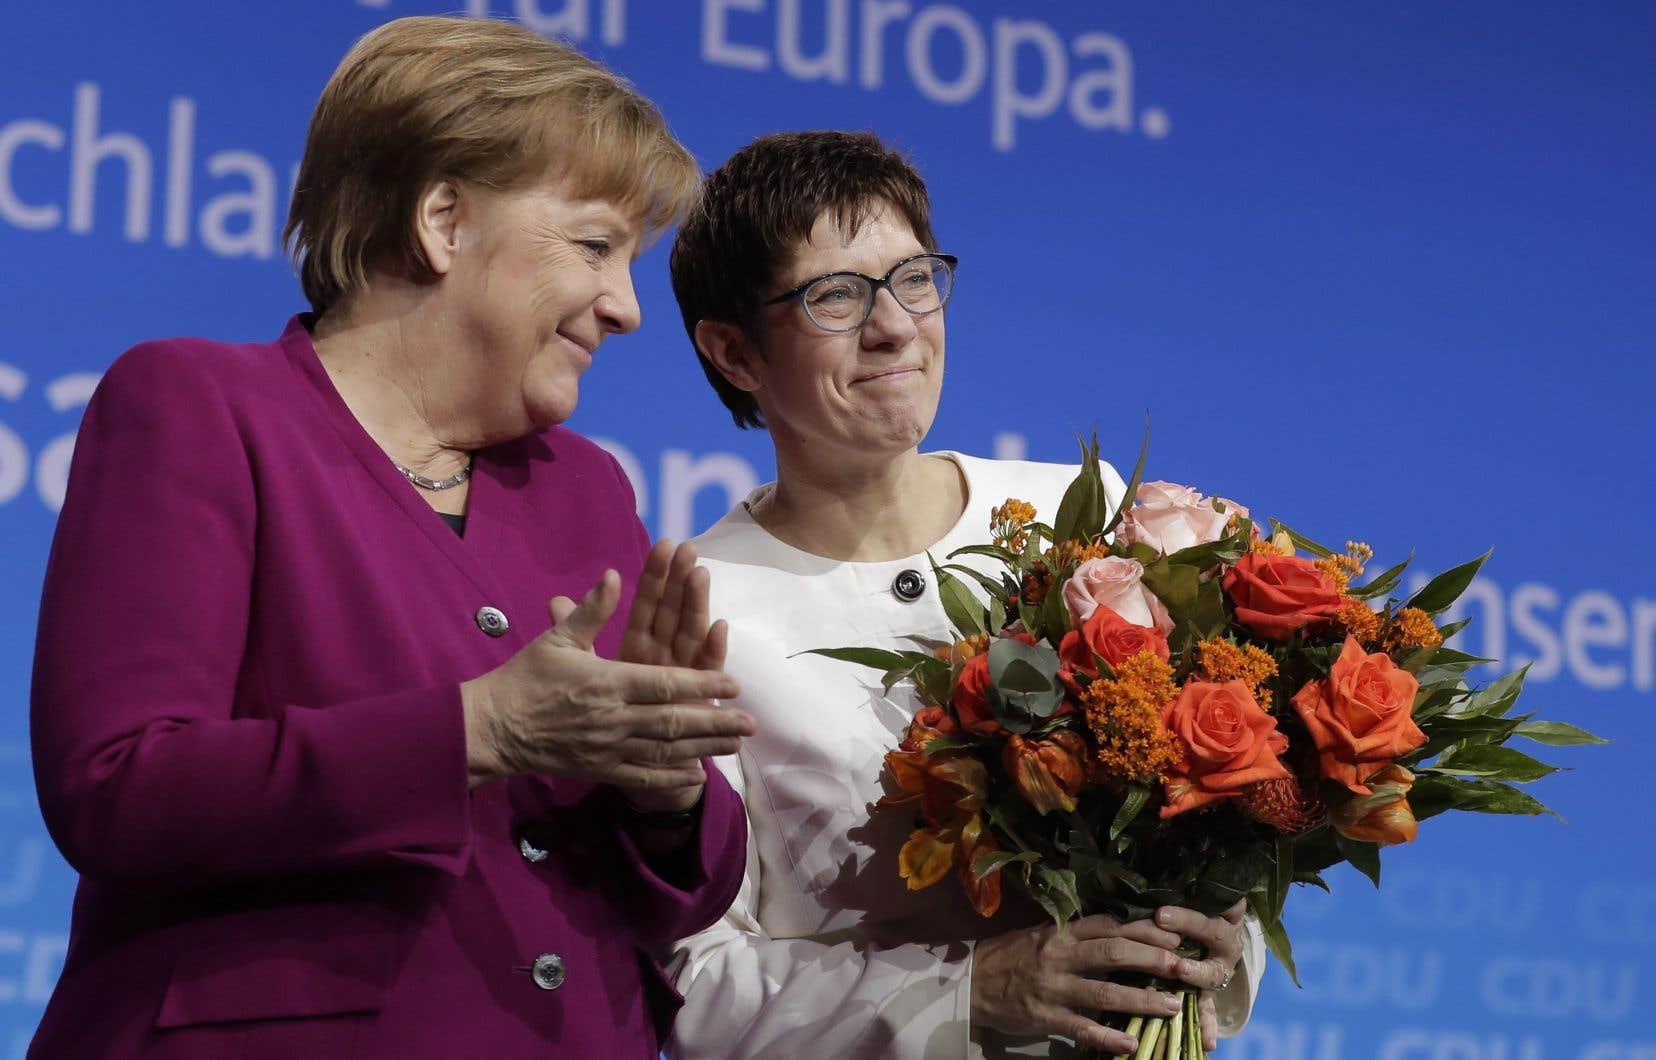 Lors du congrès, les délégués ont aussi approuvé la nomination d'une proche de Mme Merkel, Annegret Kramp-Karrenbauer, comme secrétaire générale du parti.